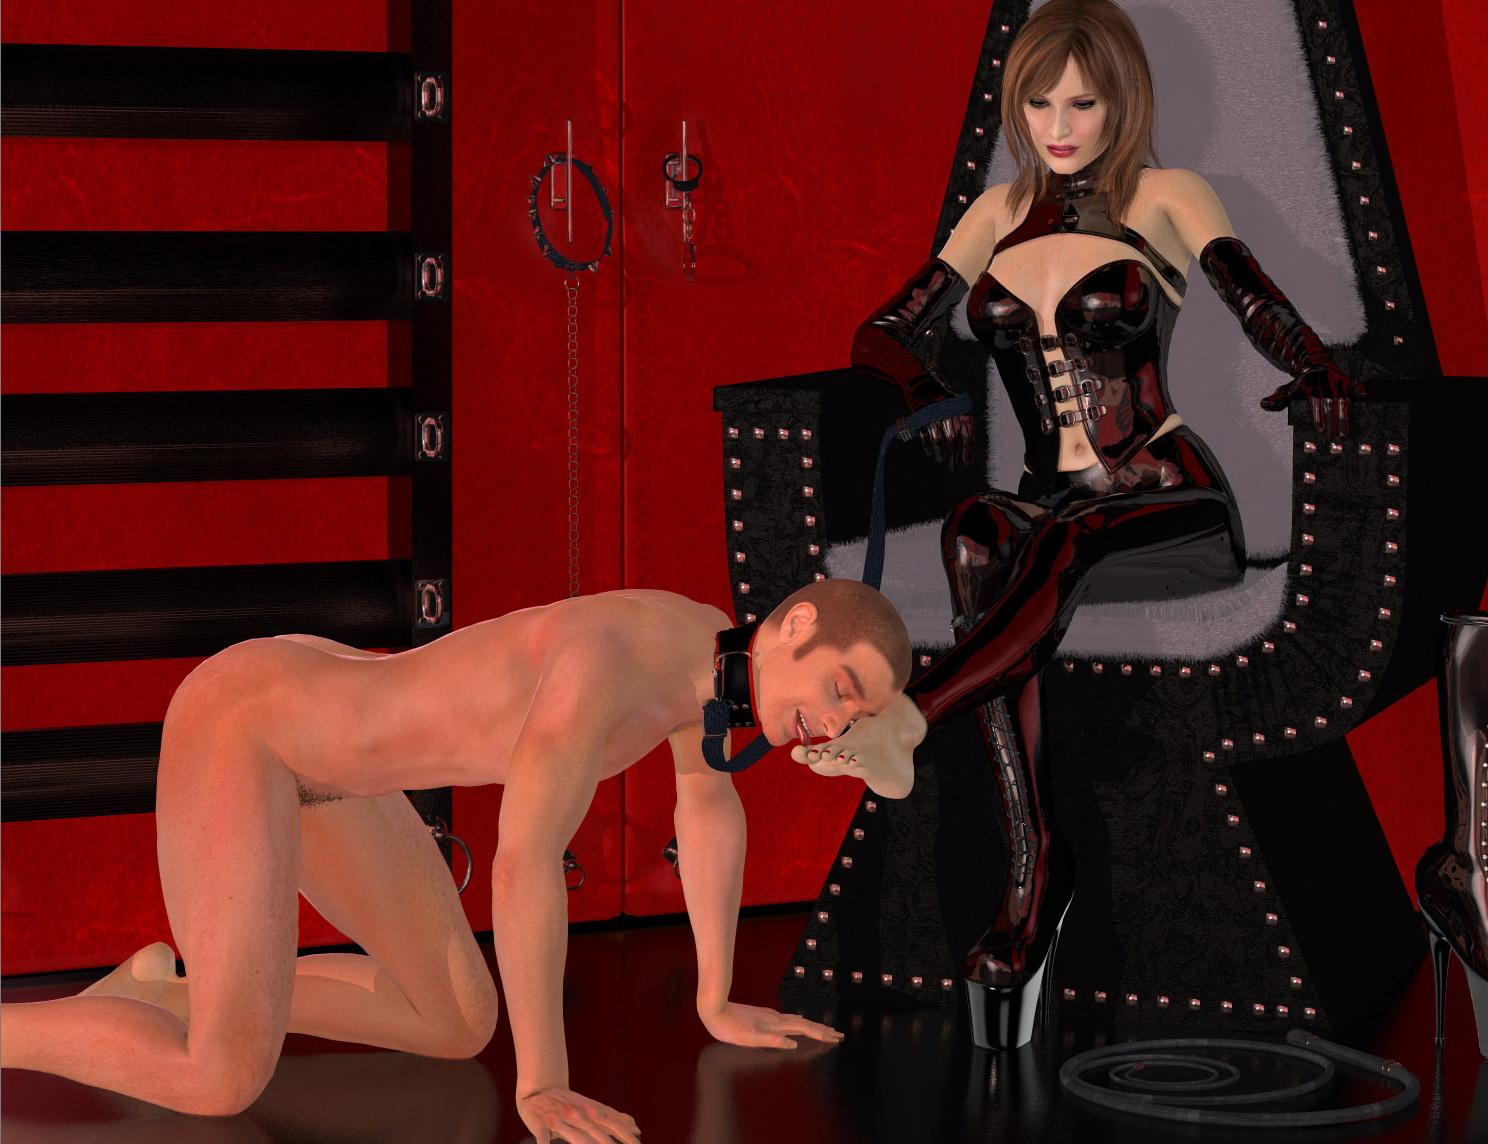 Хозяйка и раб в сексе 22 фотография